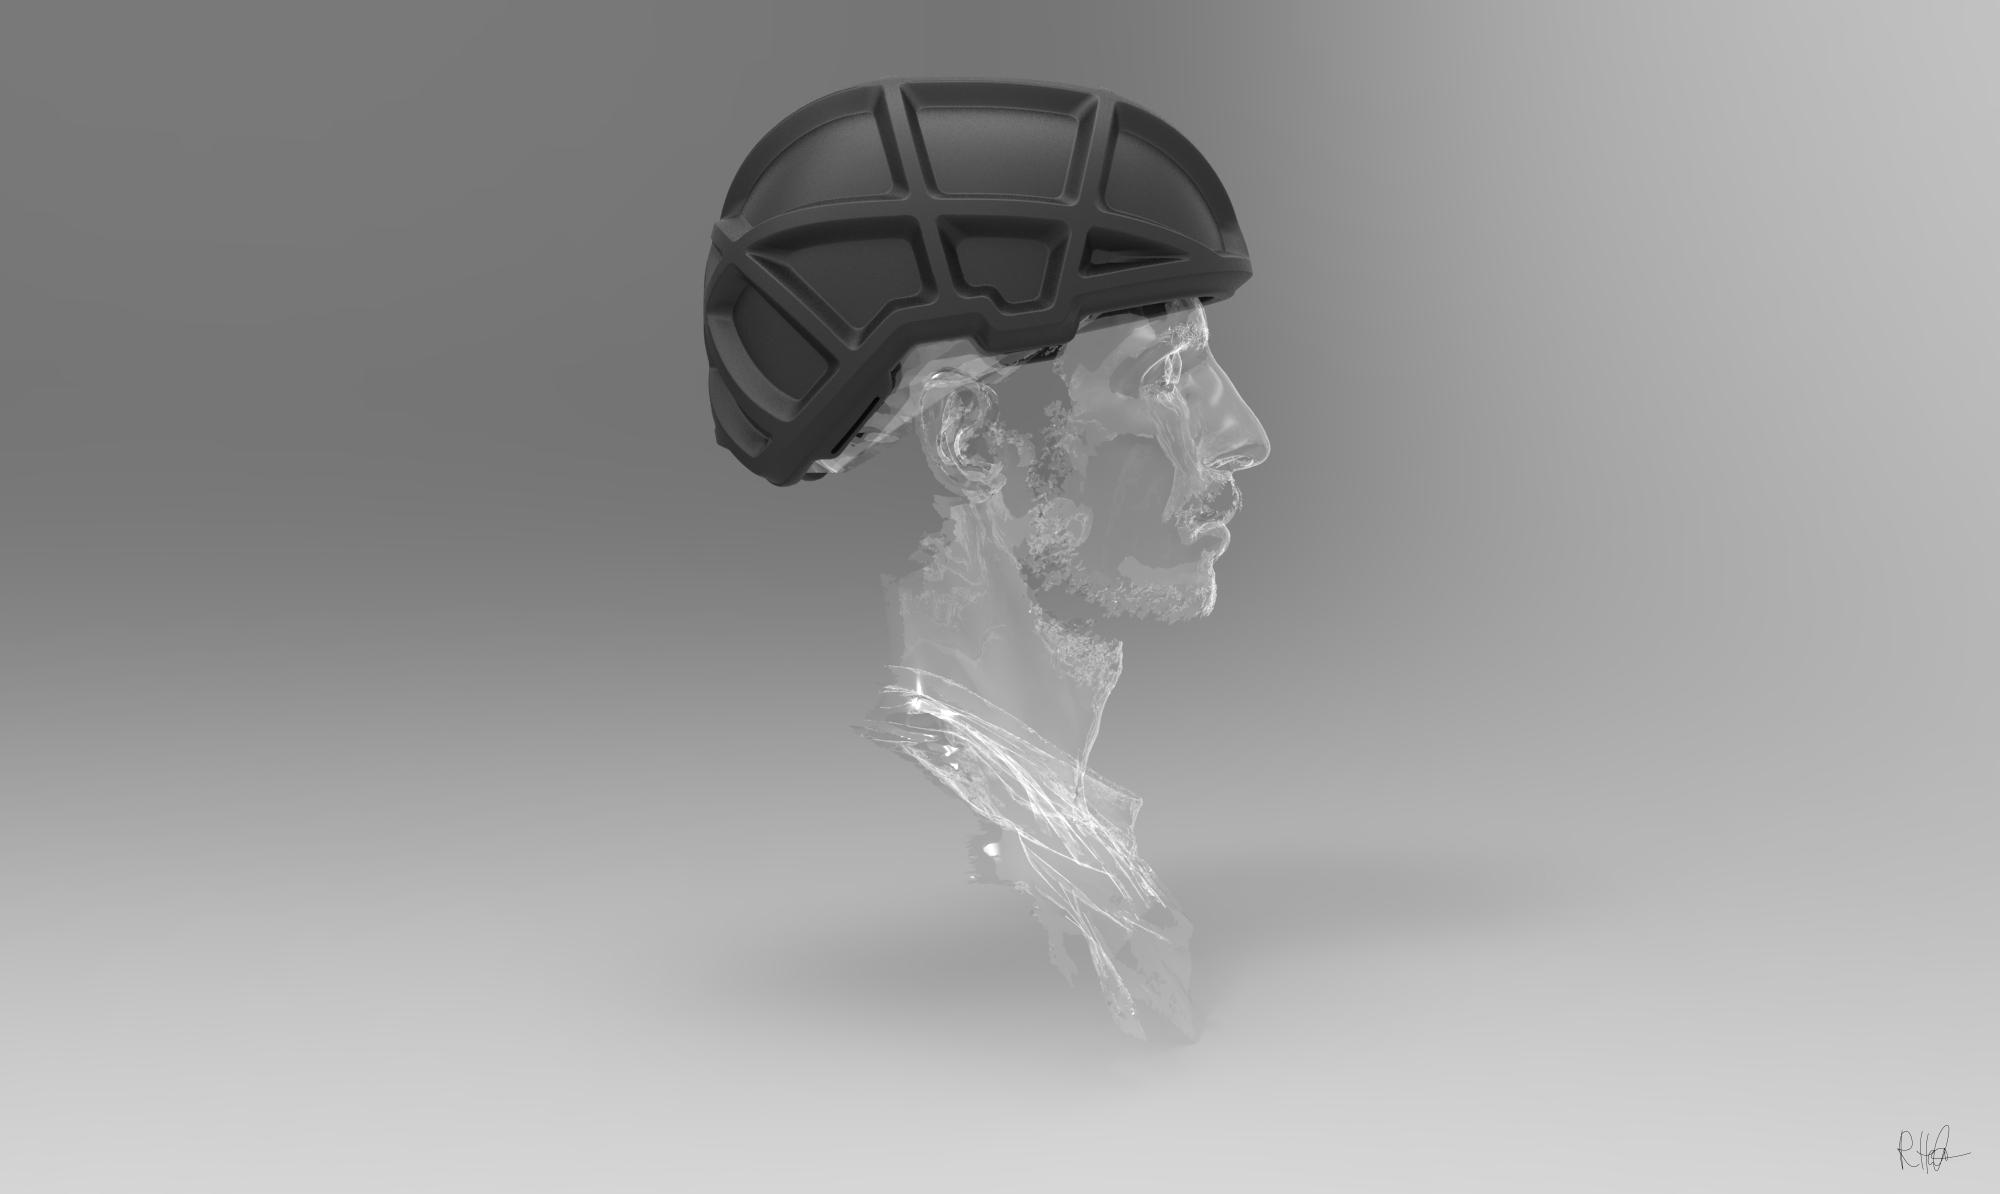 170315_ronnyhaberer_helmet_039